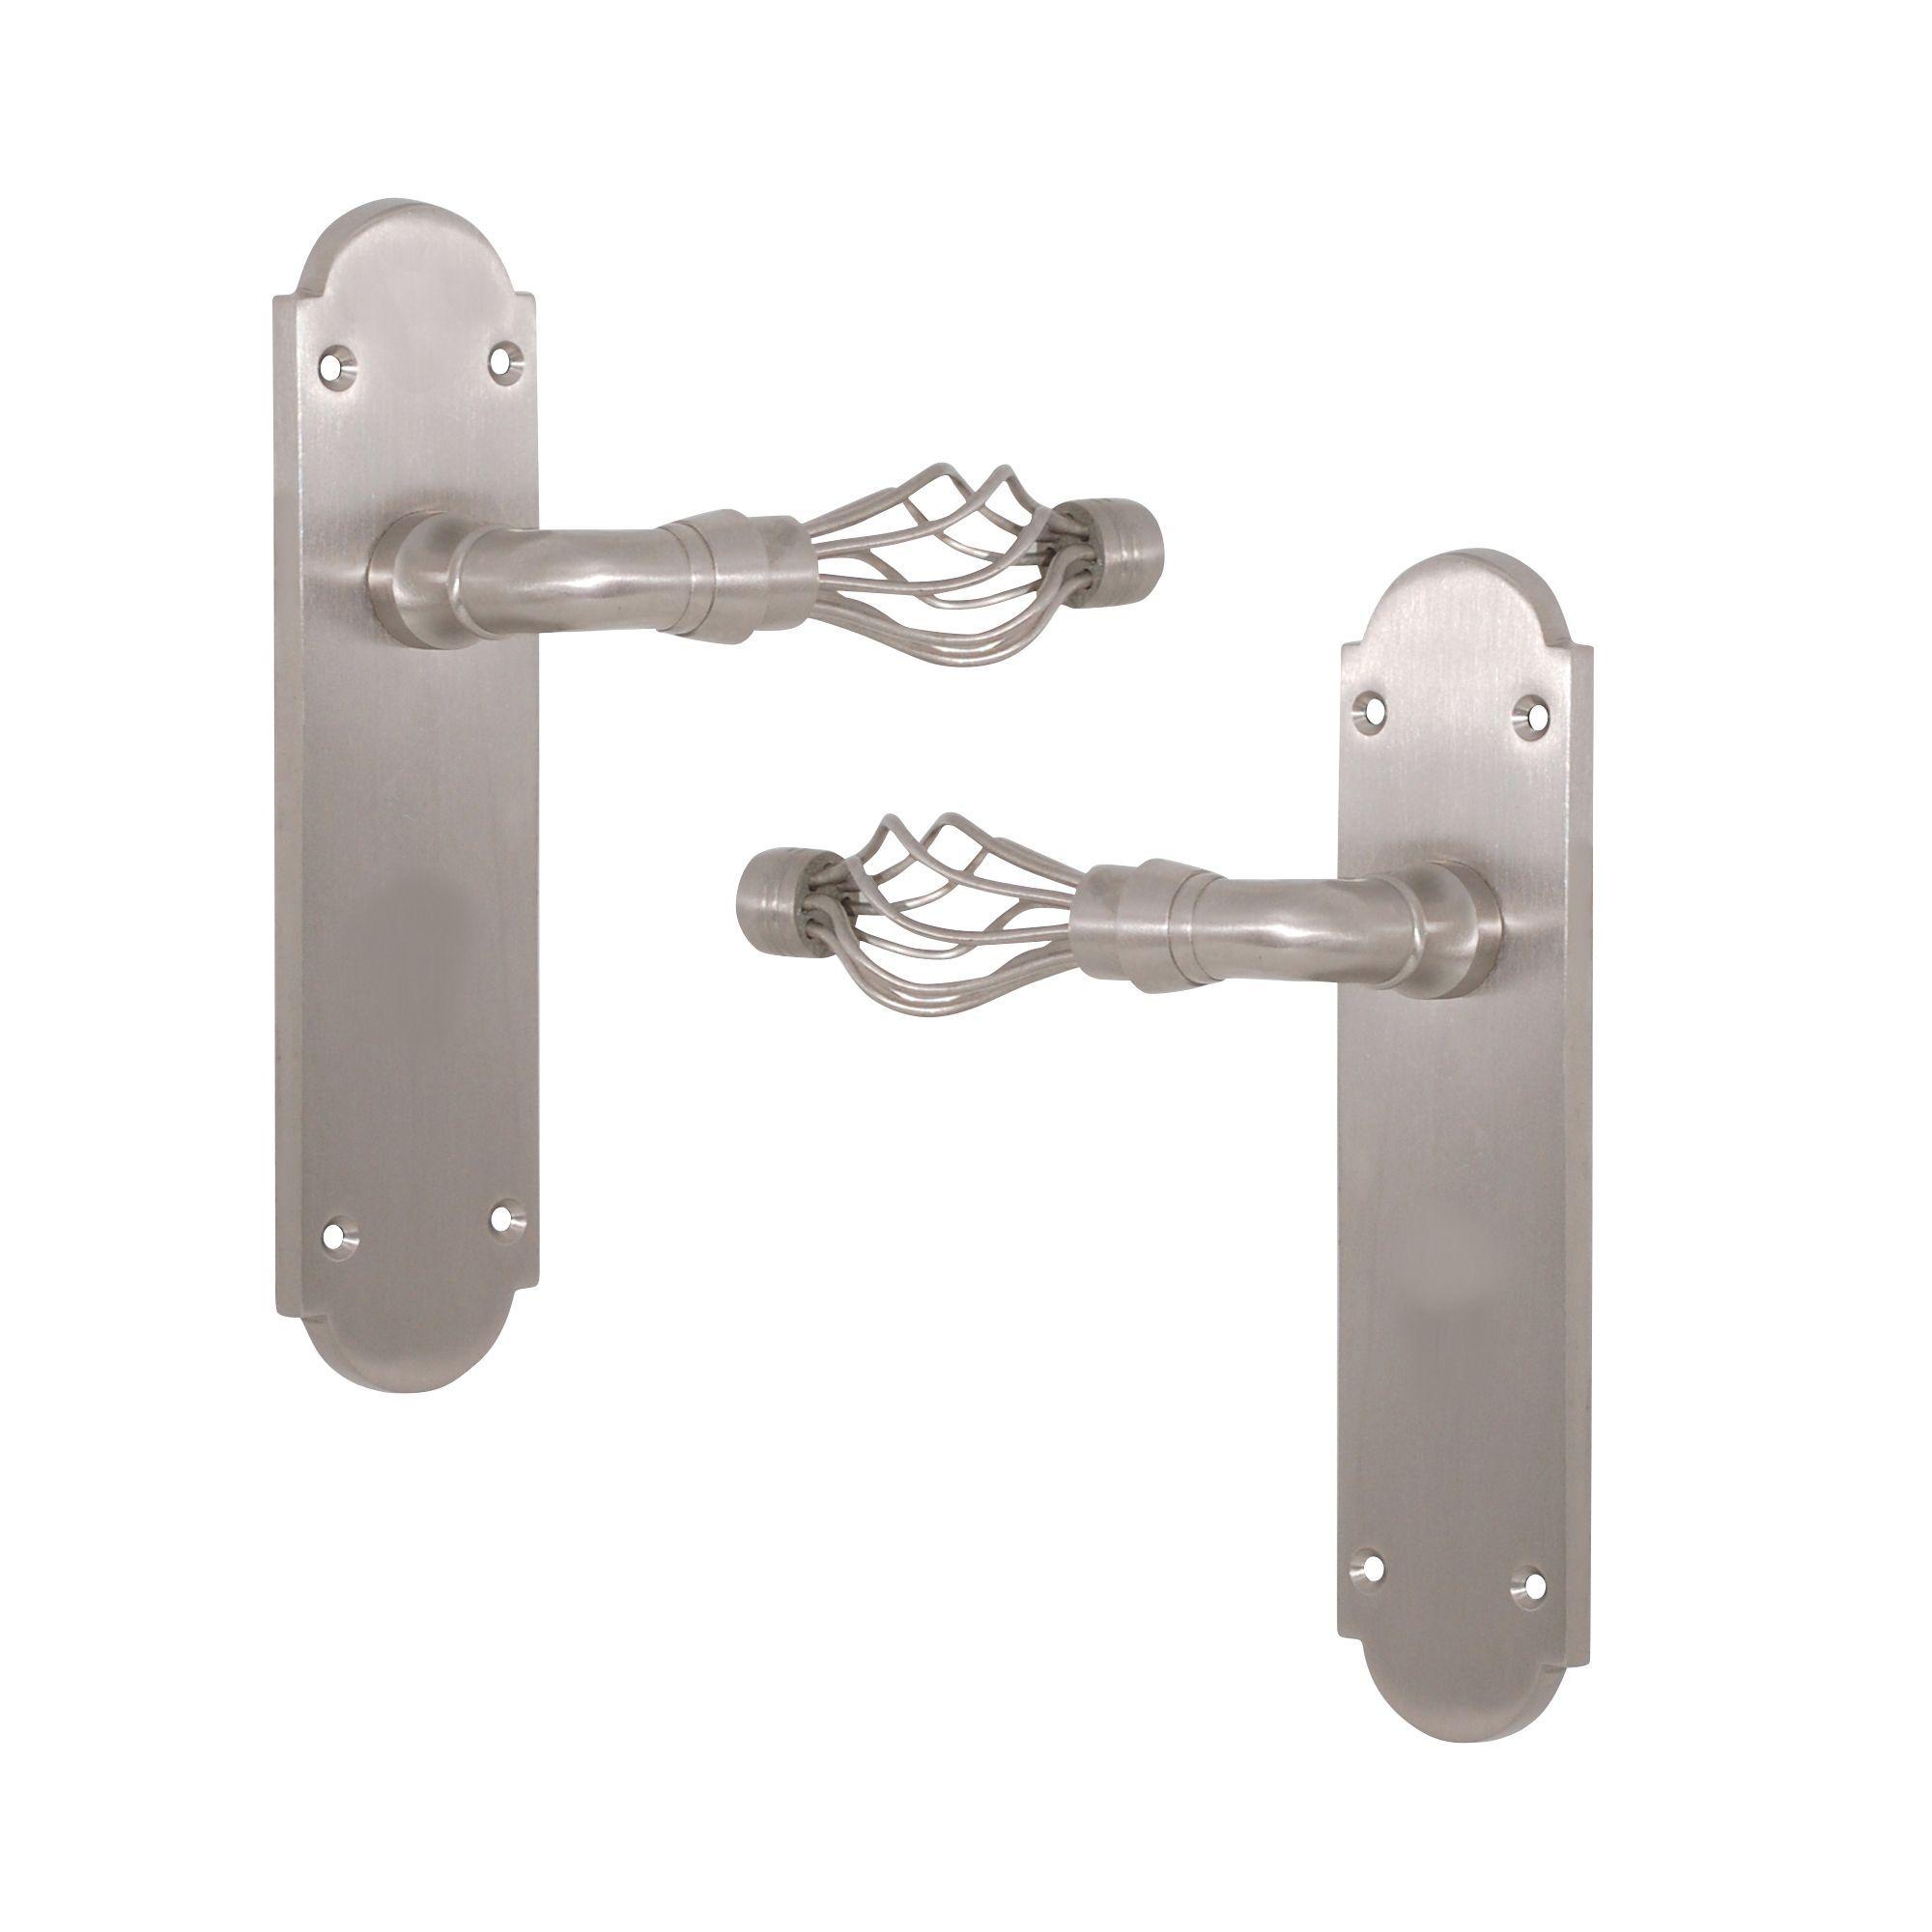 Satin Nickel Effect Internal Straight Latch Door Handle, 1 Set